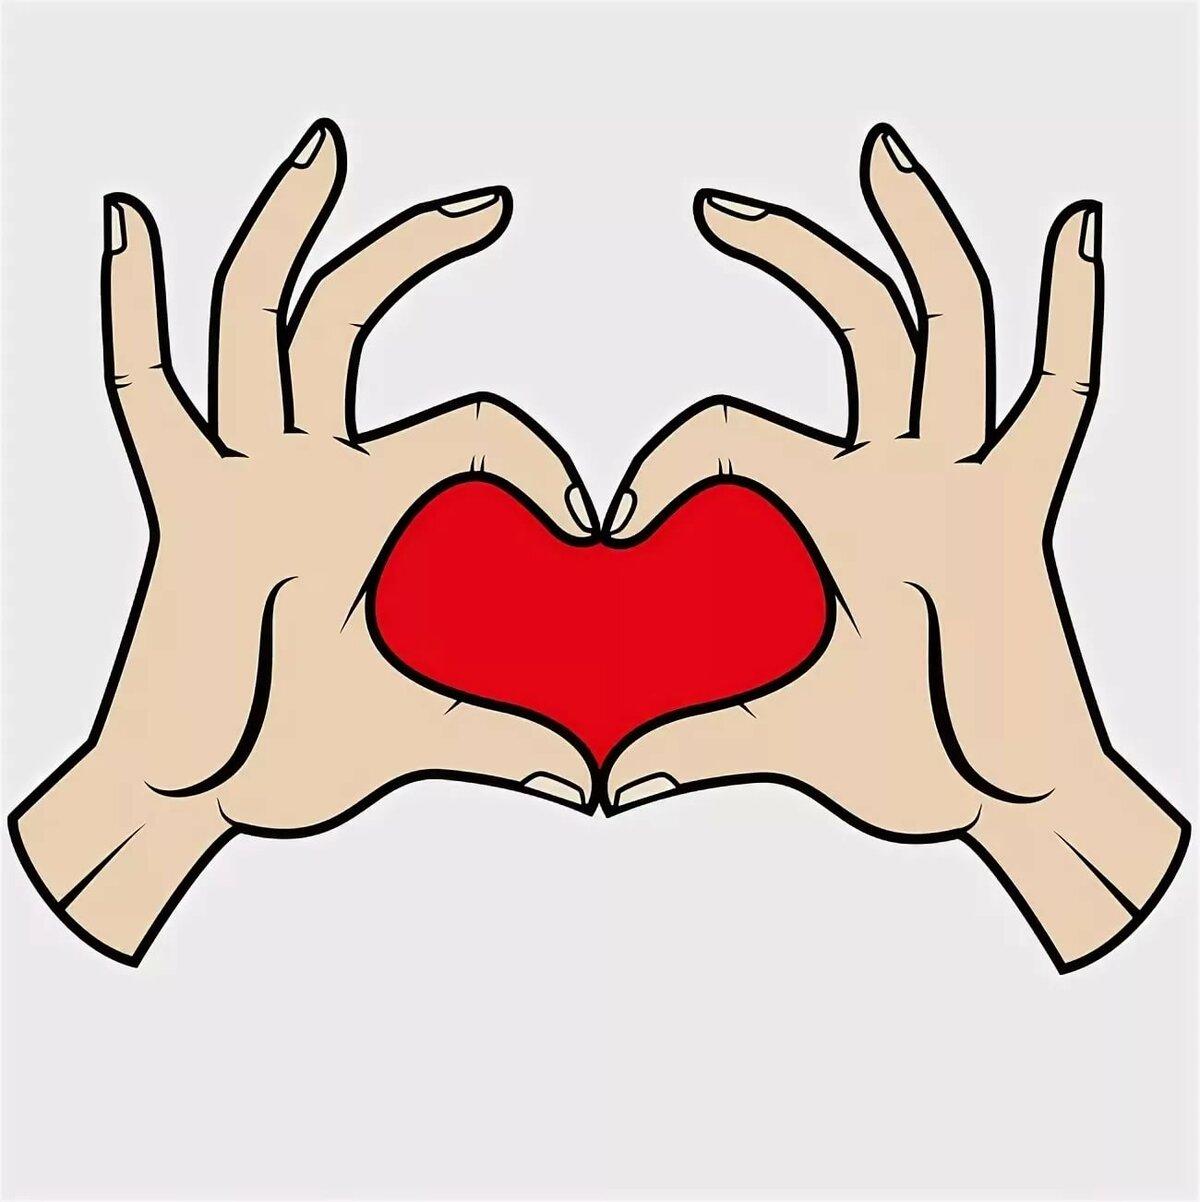 как картинки сердечко в виде руки объявления